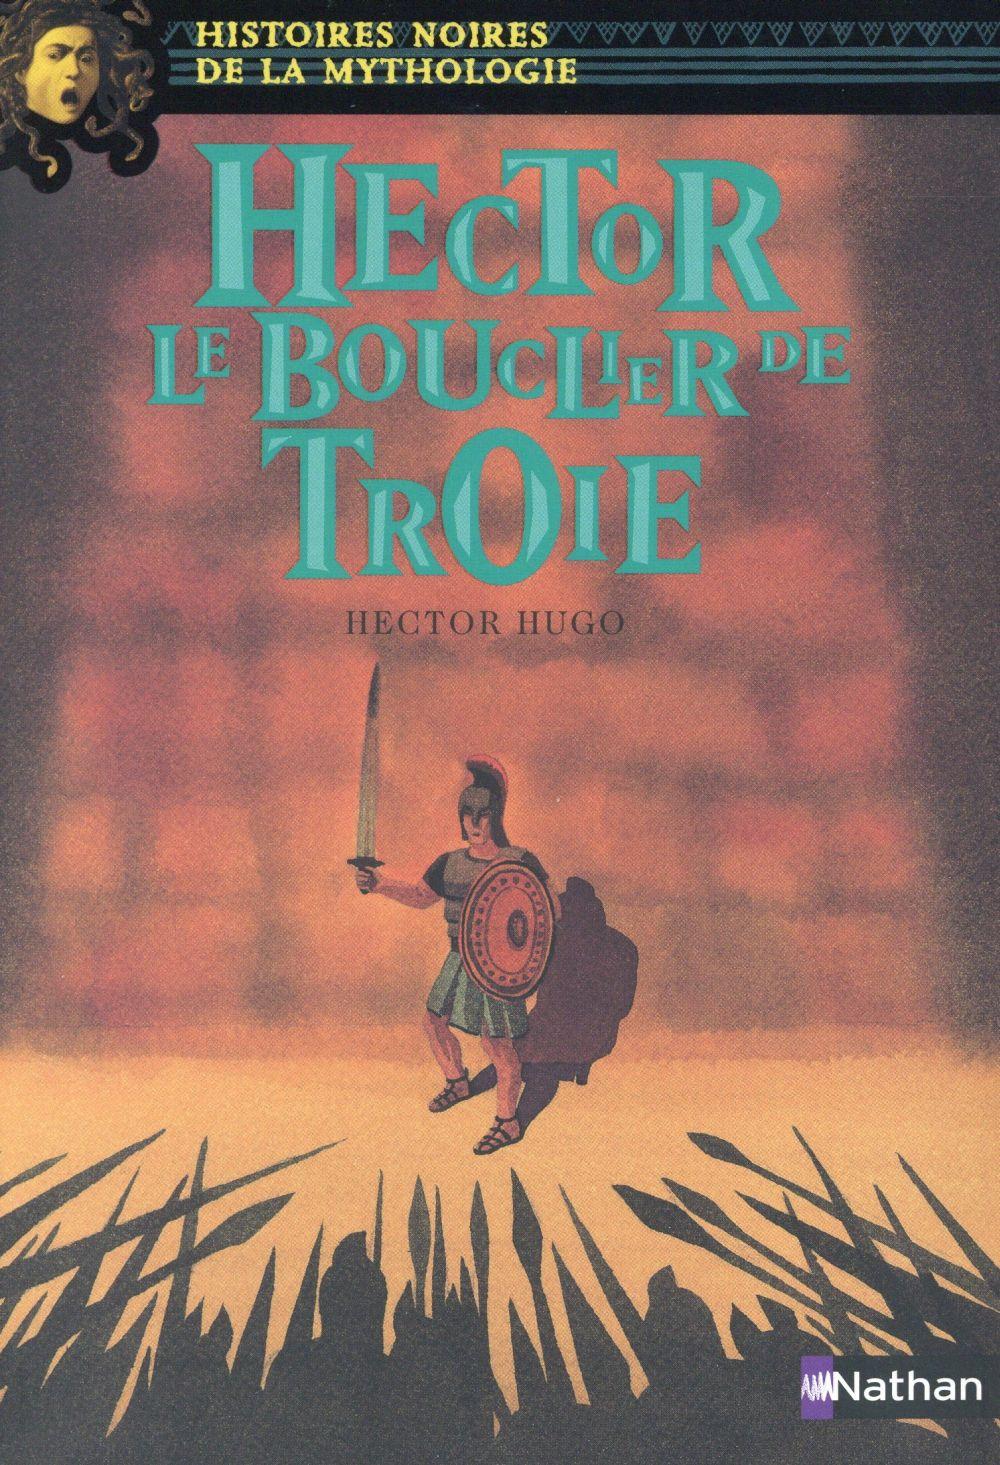 HECTOR, LE BOUCLIER DE TROIE HUGO/USDIN NATHAN